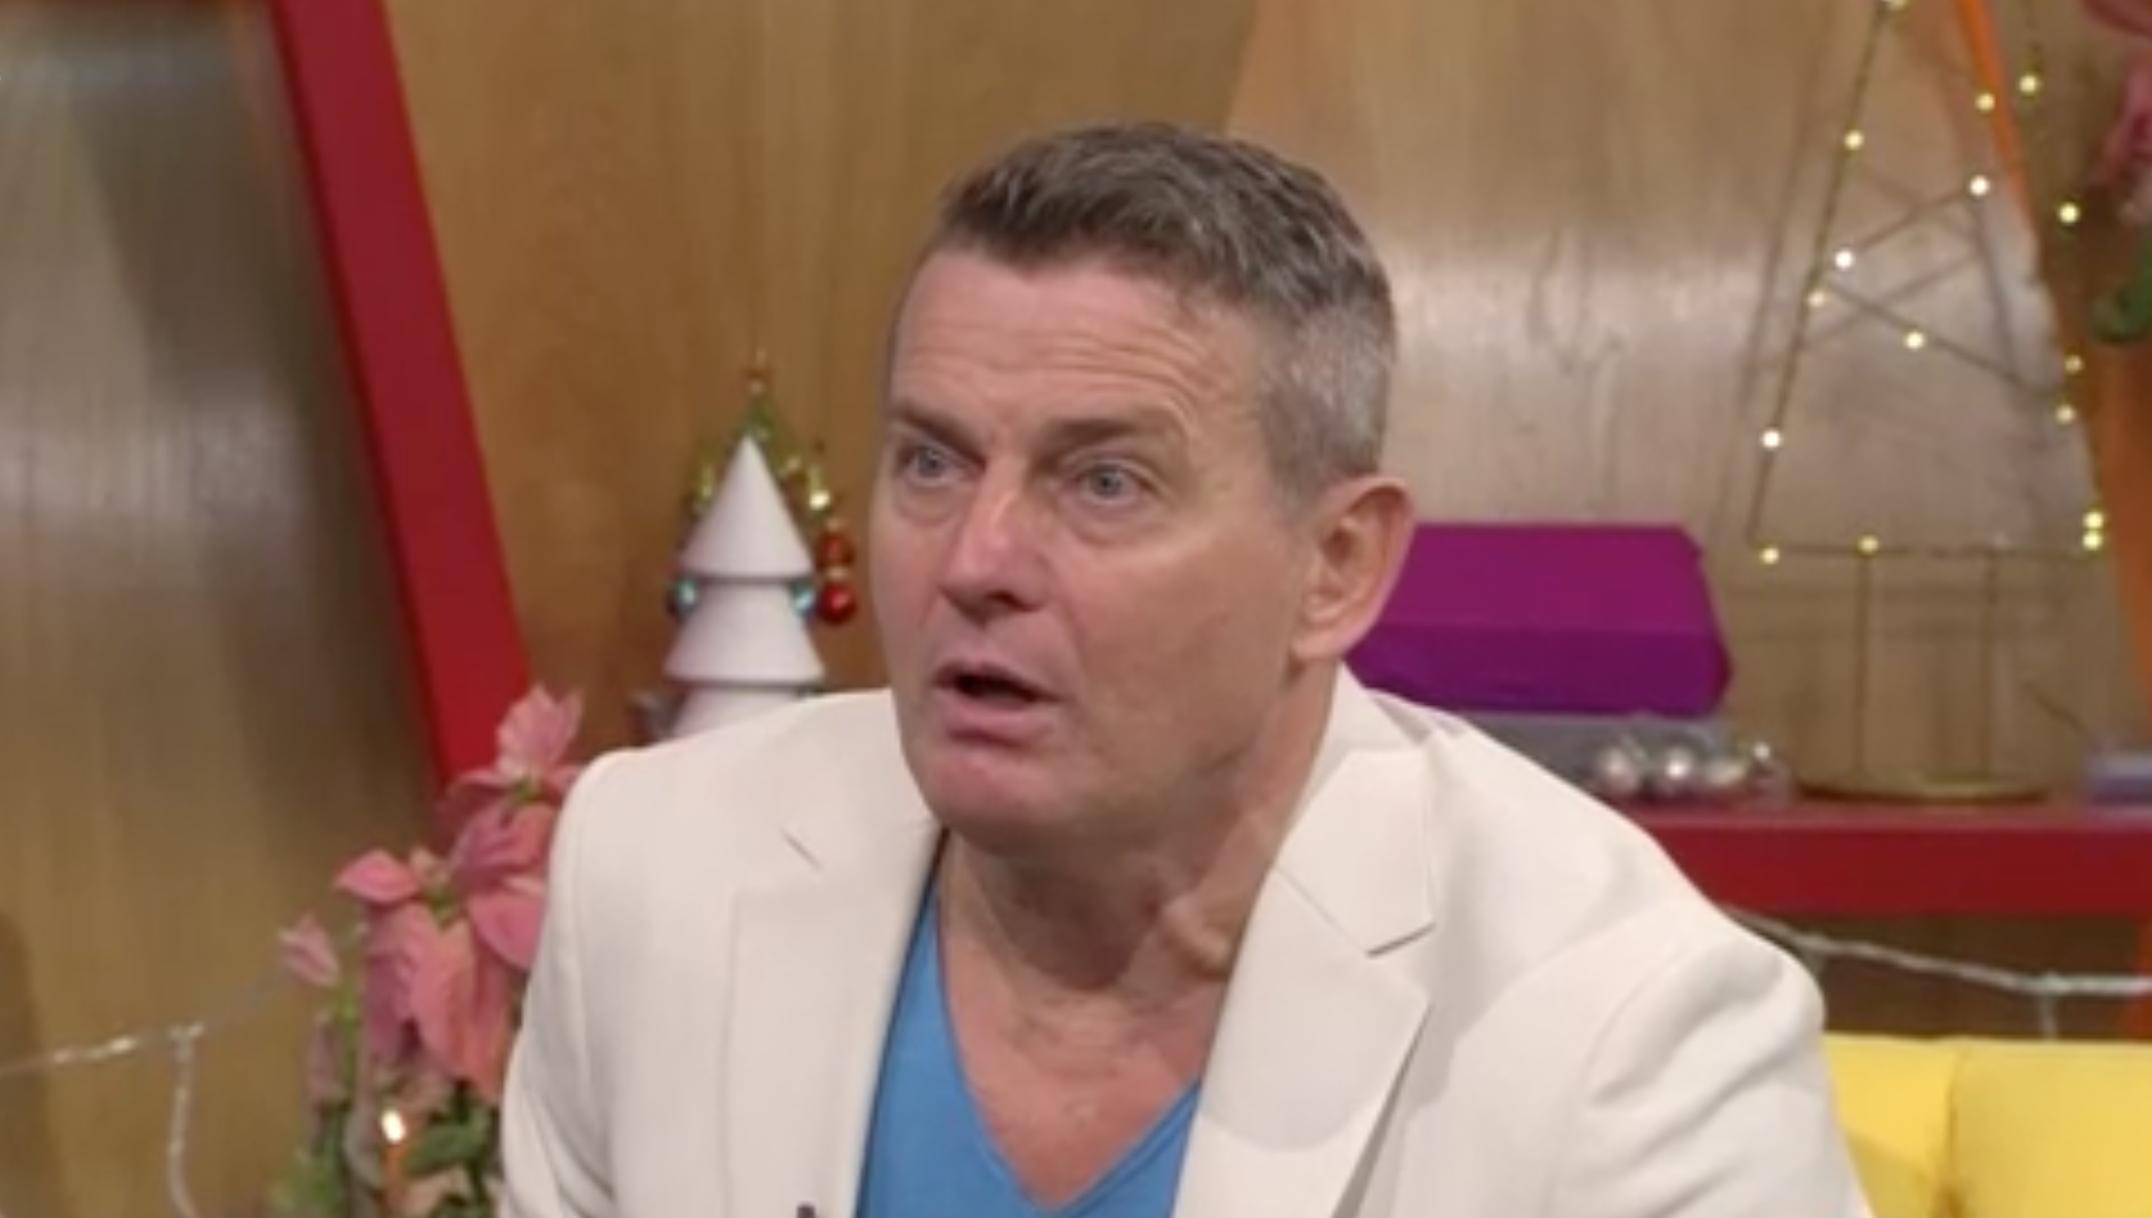 Rékasi Károly élő adásban virággyilkosozta le az RTL műsorvezetőit